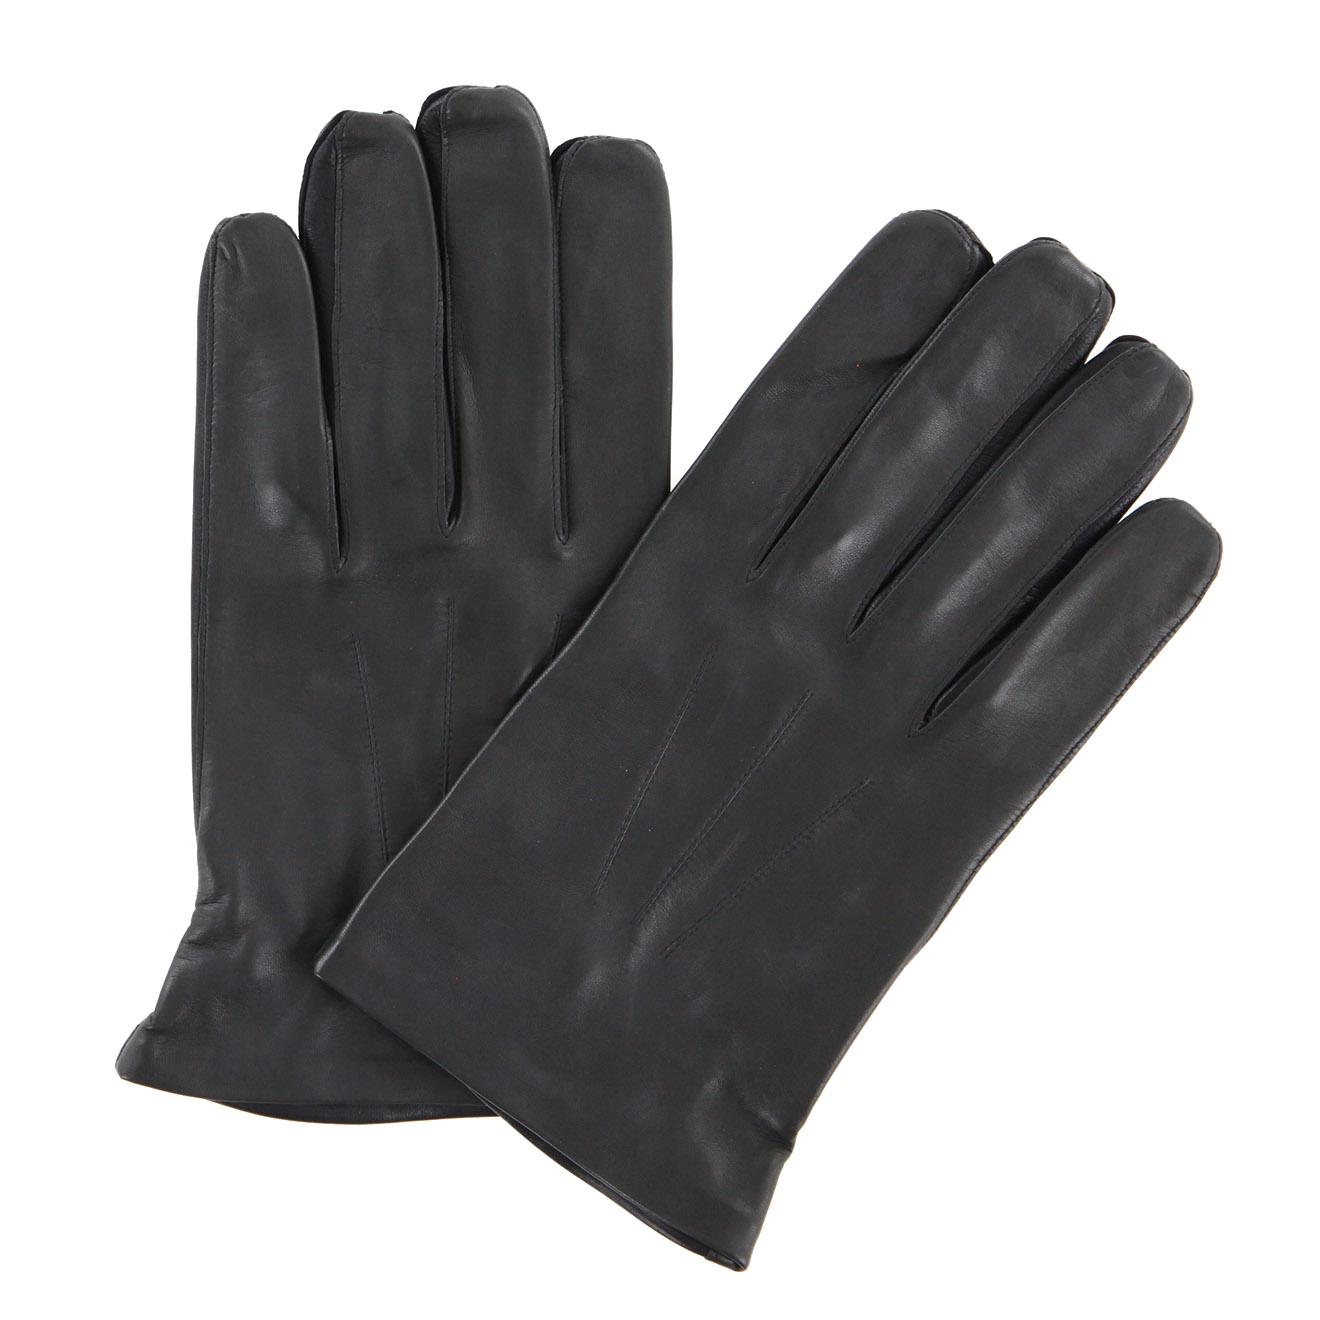 Gants en Cuir d'Agneau doublure Soie noir/plomb